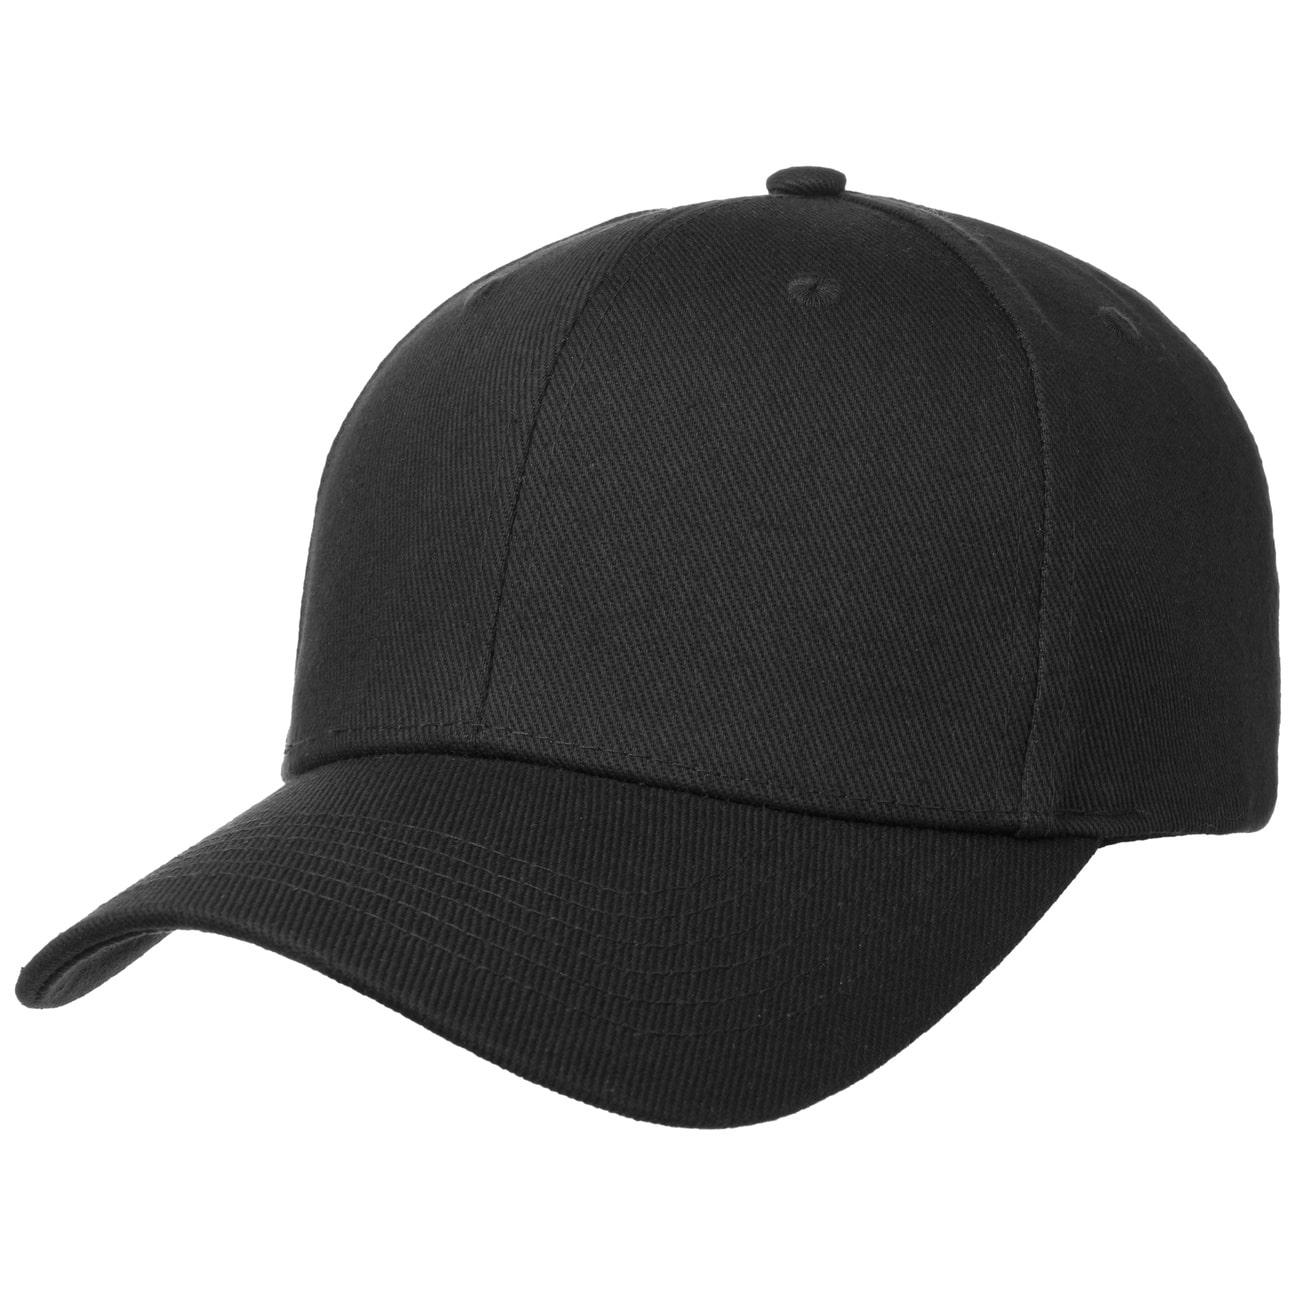 b563a2f3e5e82 Gorra de Béisbol Champion - Gorras - sombreroshop.es